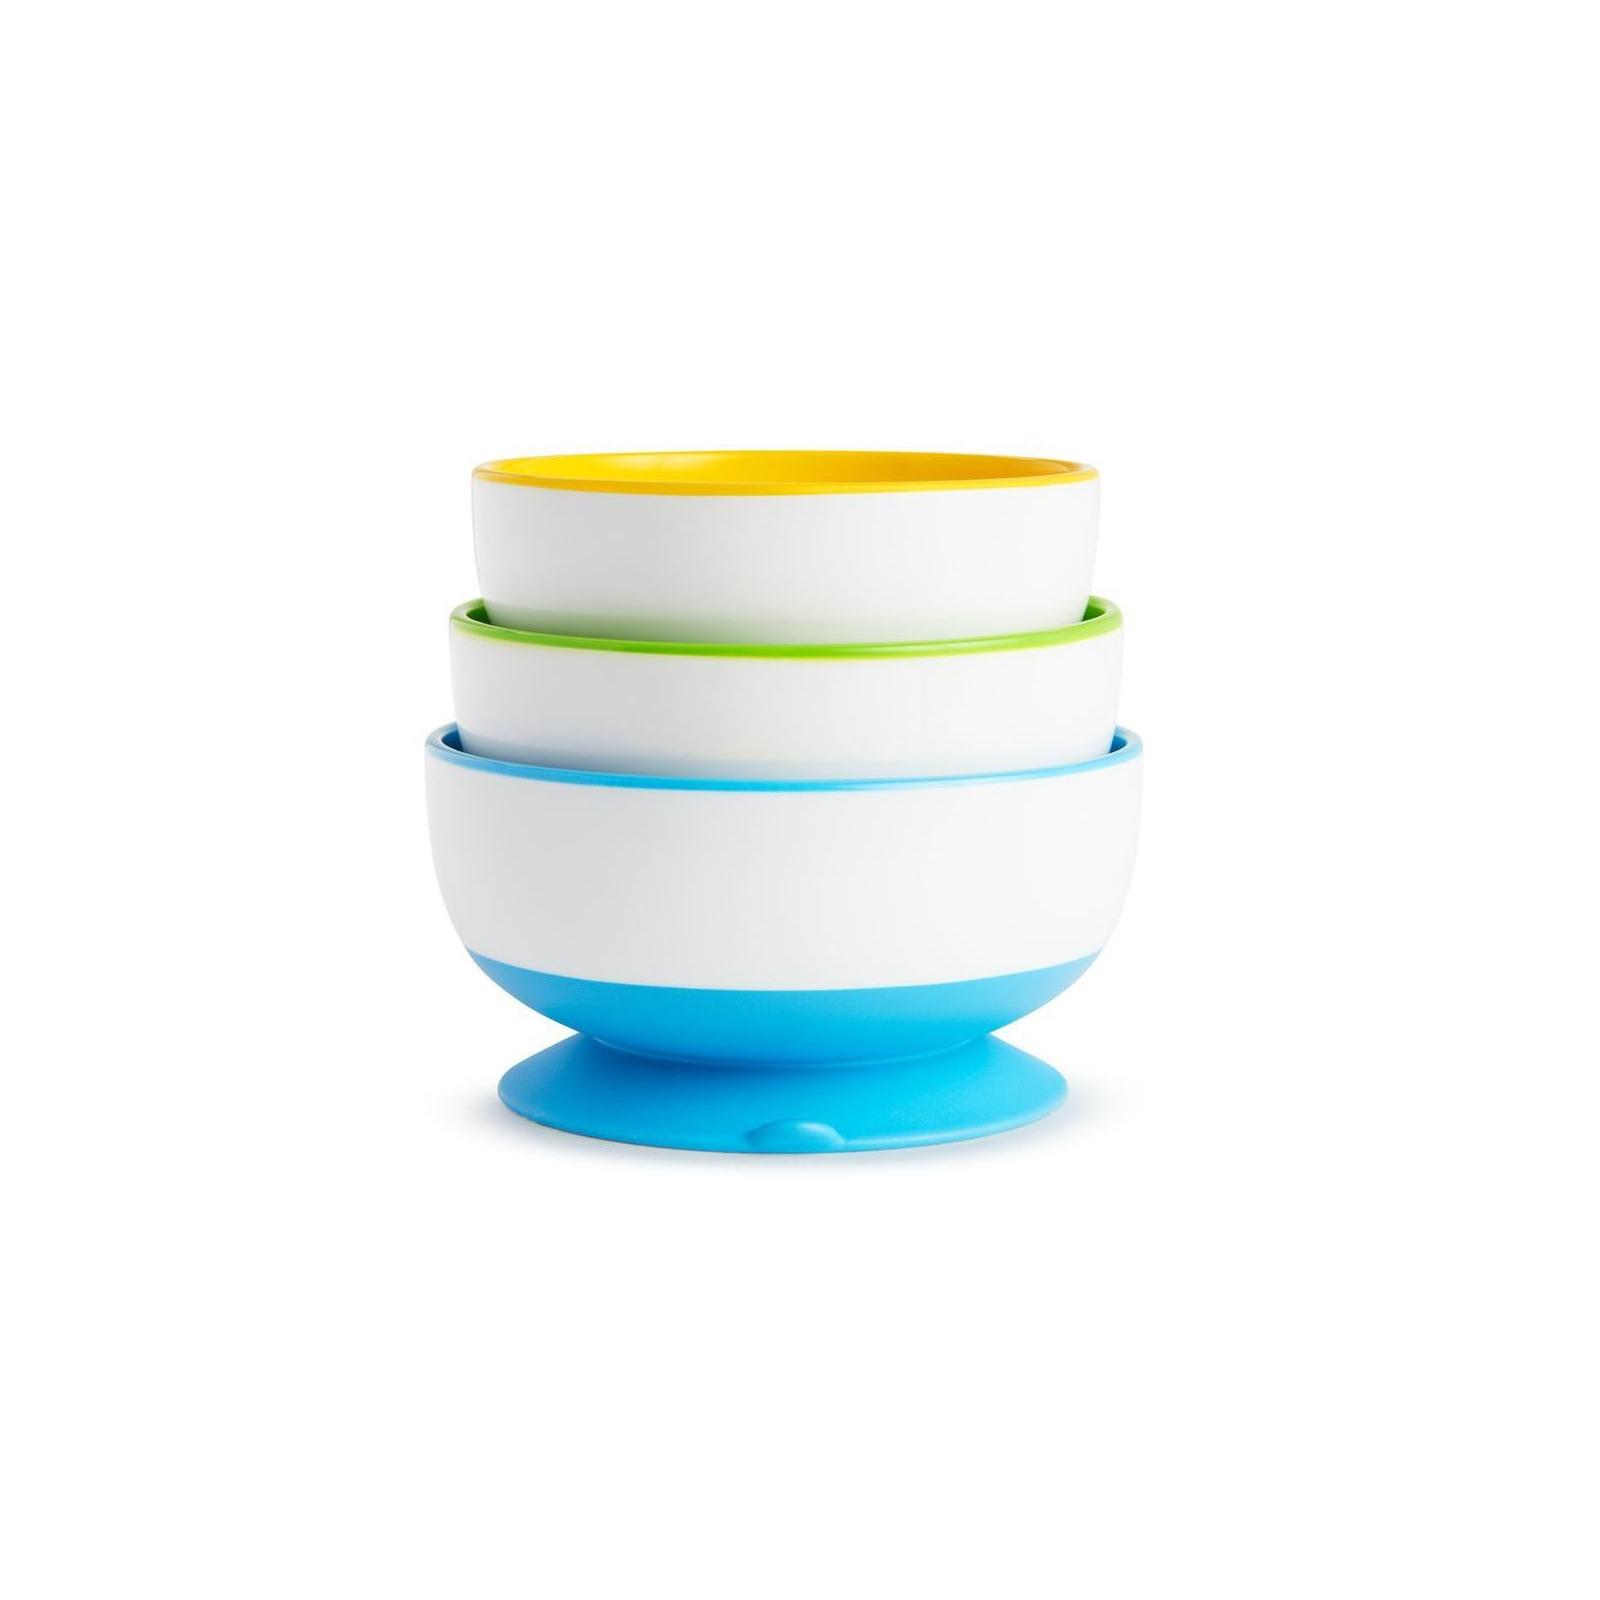 Набор детской посуды Munchkin тарелки с присосками 3 шт. (01107504) изображение 2